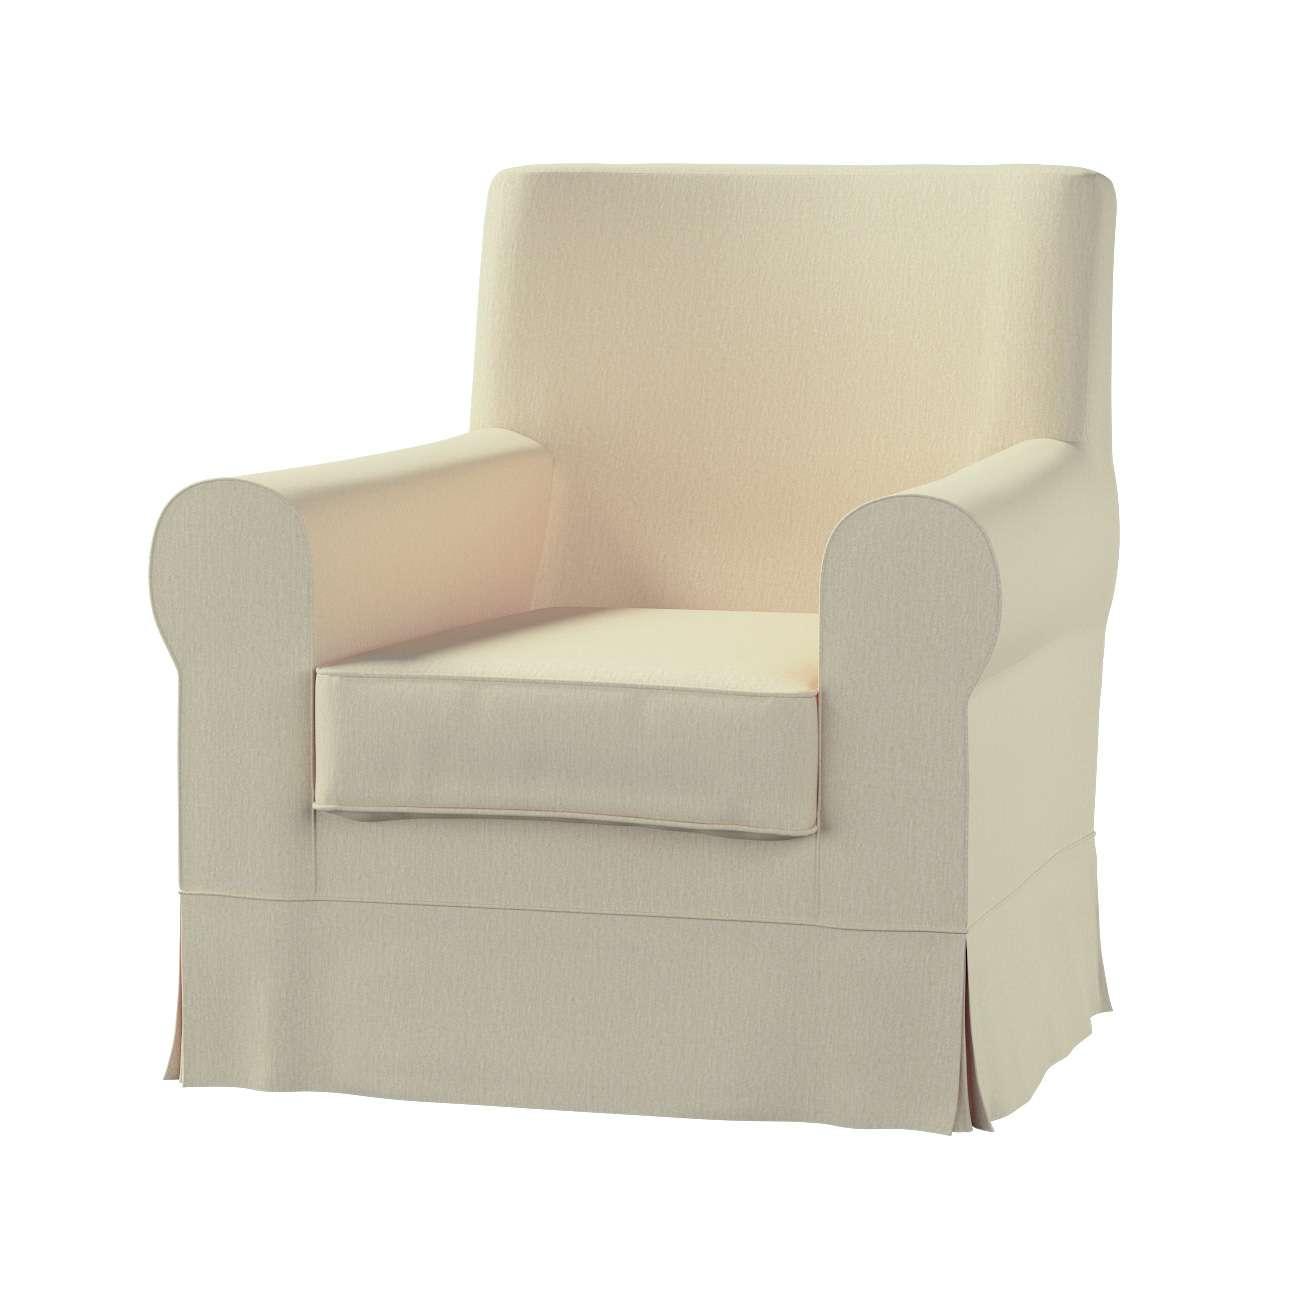 EKTORP JENNYLUND fotelio užvalkalas Ektorp Jennylund fotelio užvalkalas kolekcijoje Chenille, audinys: 702-22